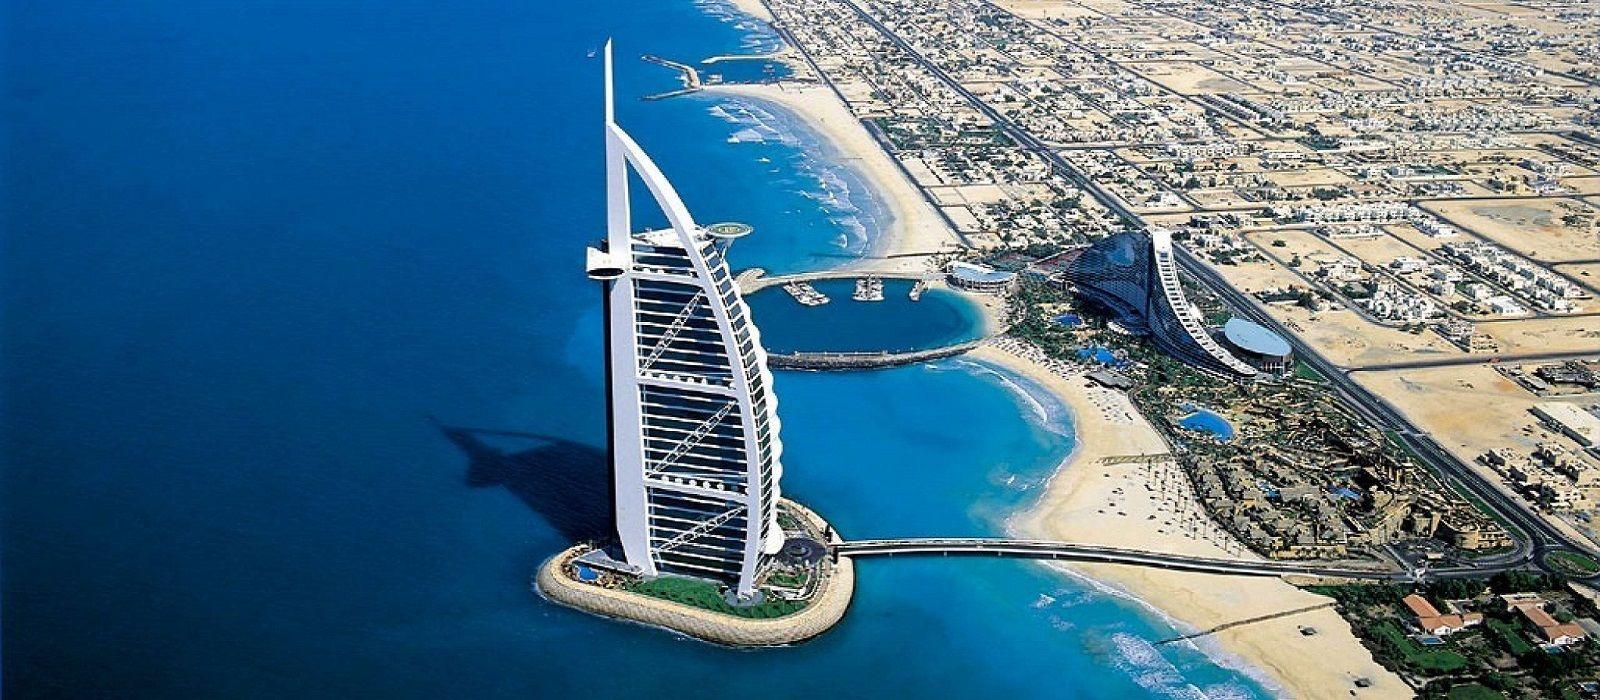 Surreal Sands: Dubai and Maldives Tour Trip 3